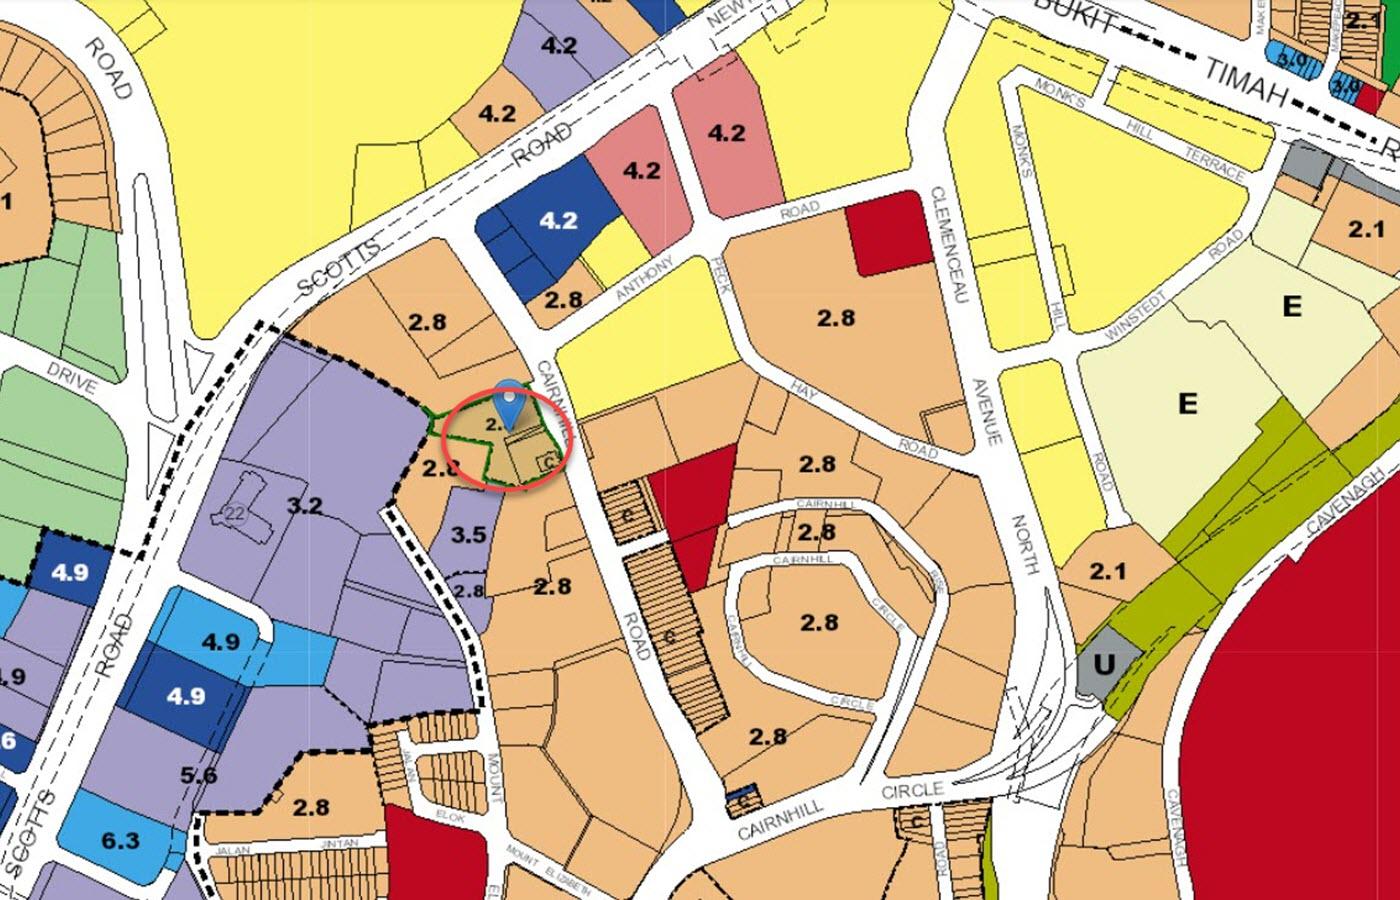 Klimt Cairnhill Condo Location - URA Master Plan Map